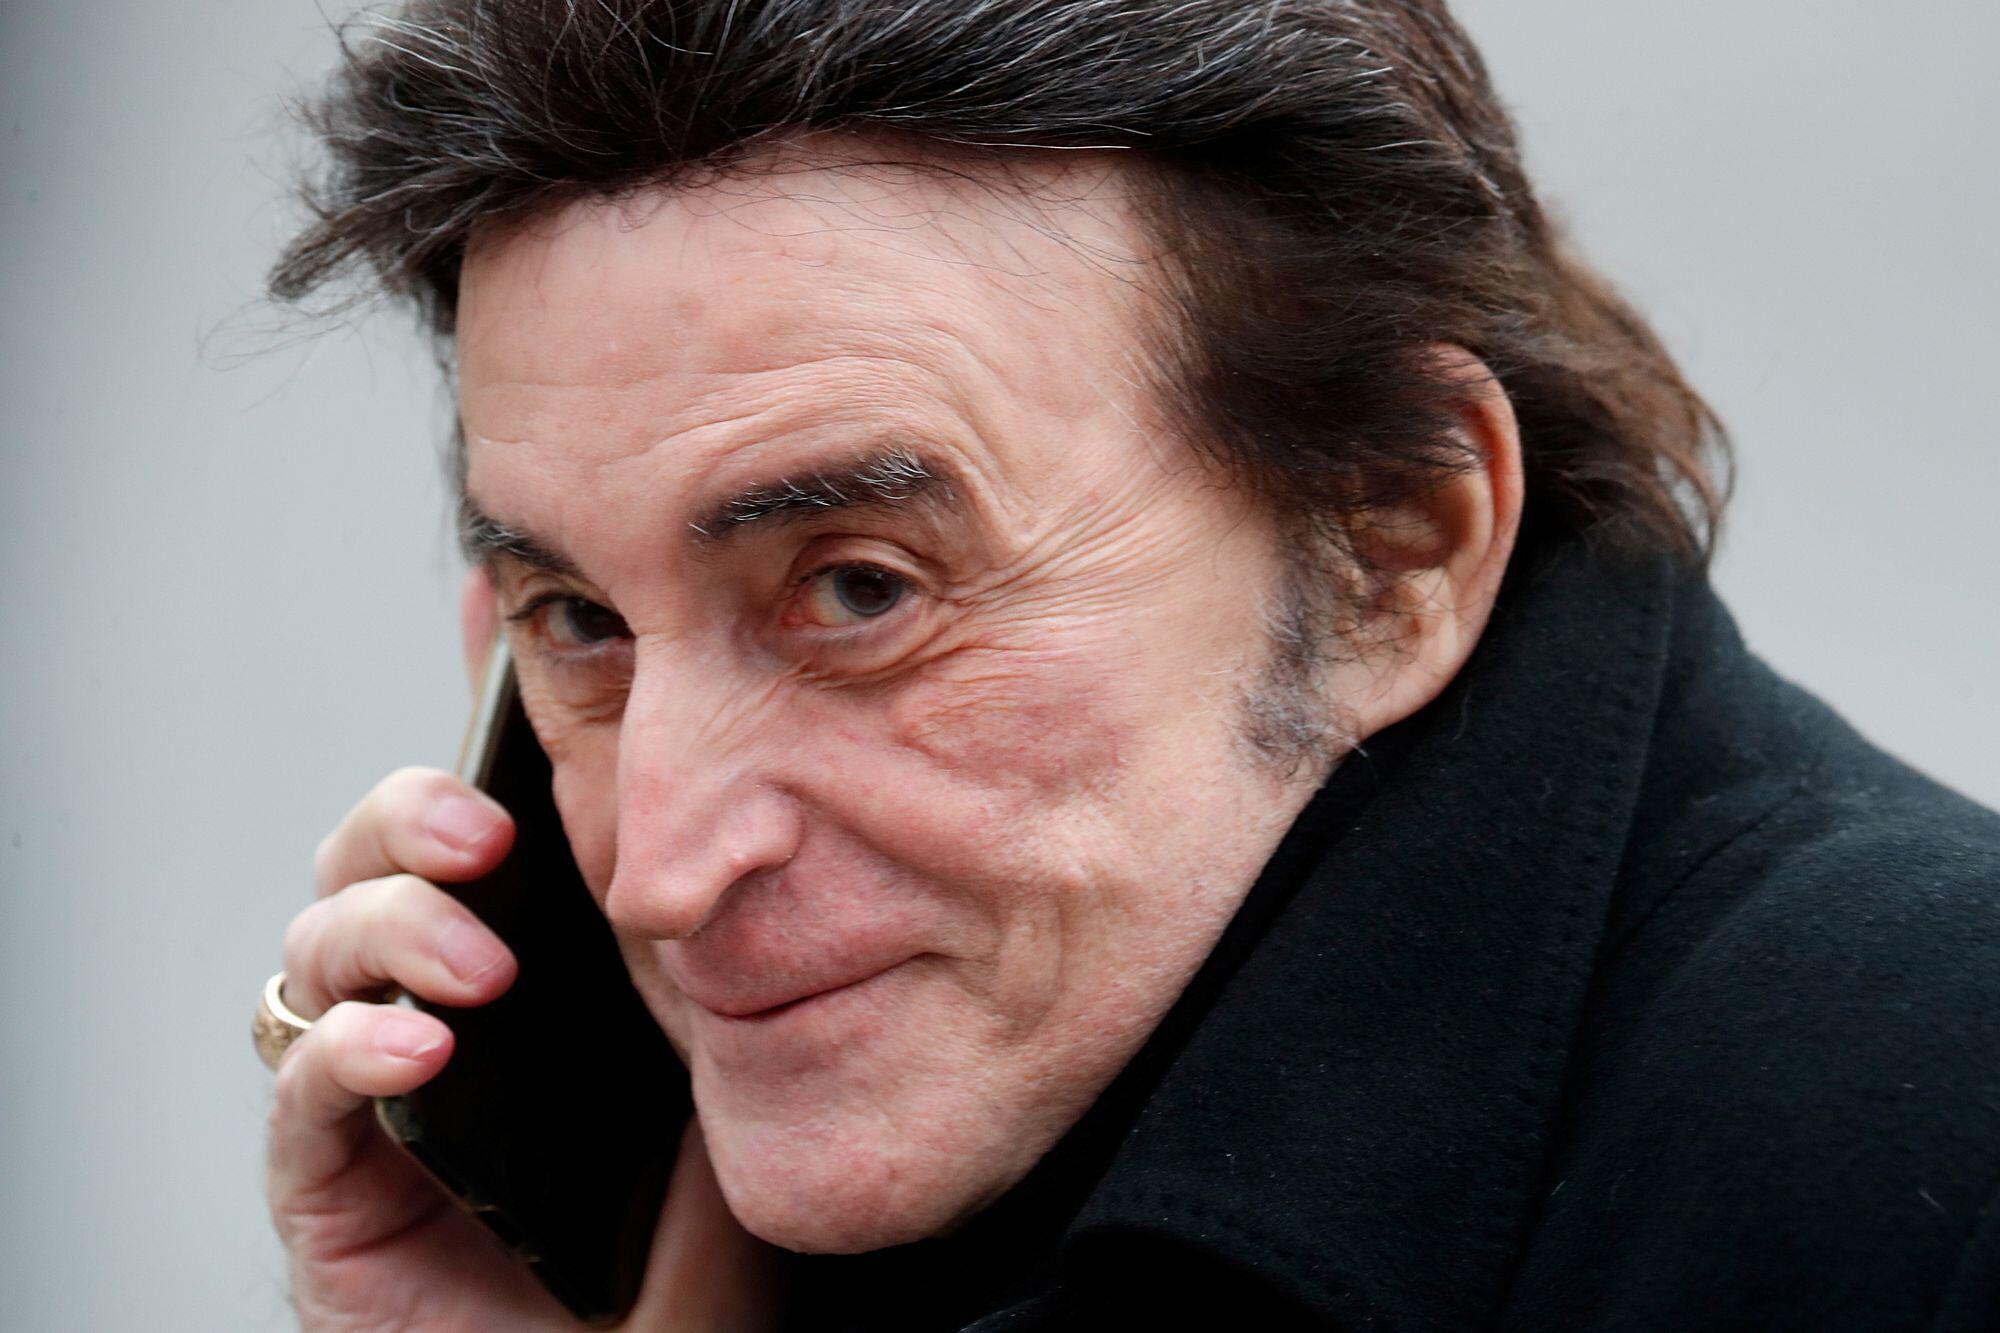 Dick Rivers, một trong những ca sĩ nhạc rock tiêu biểu của Pháp, cùng với Johnny Hallyday và Eddy Mitchell